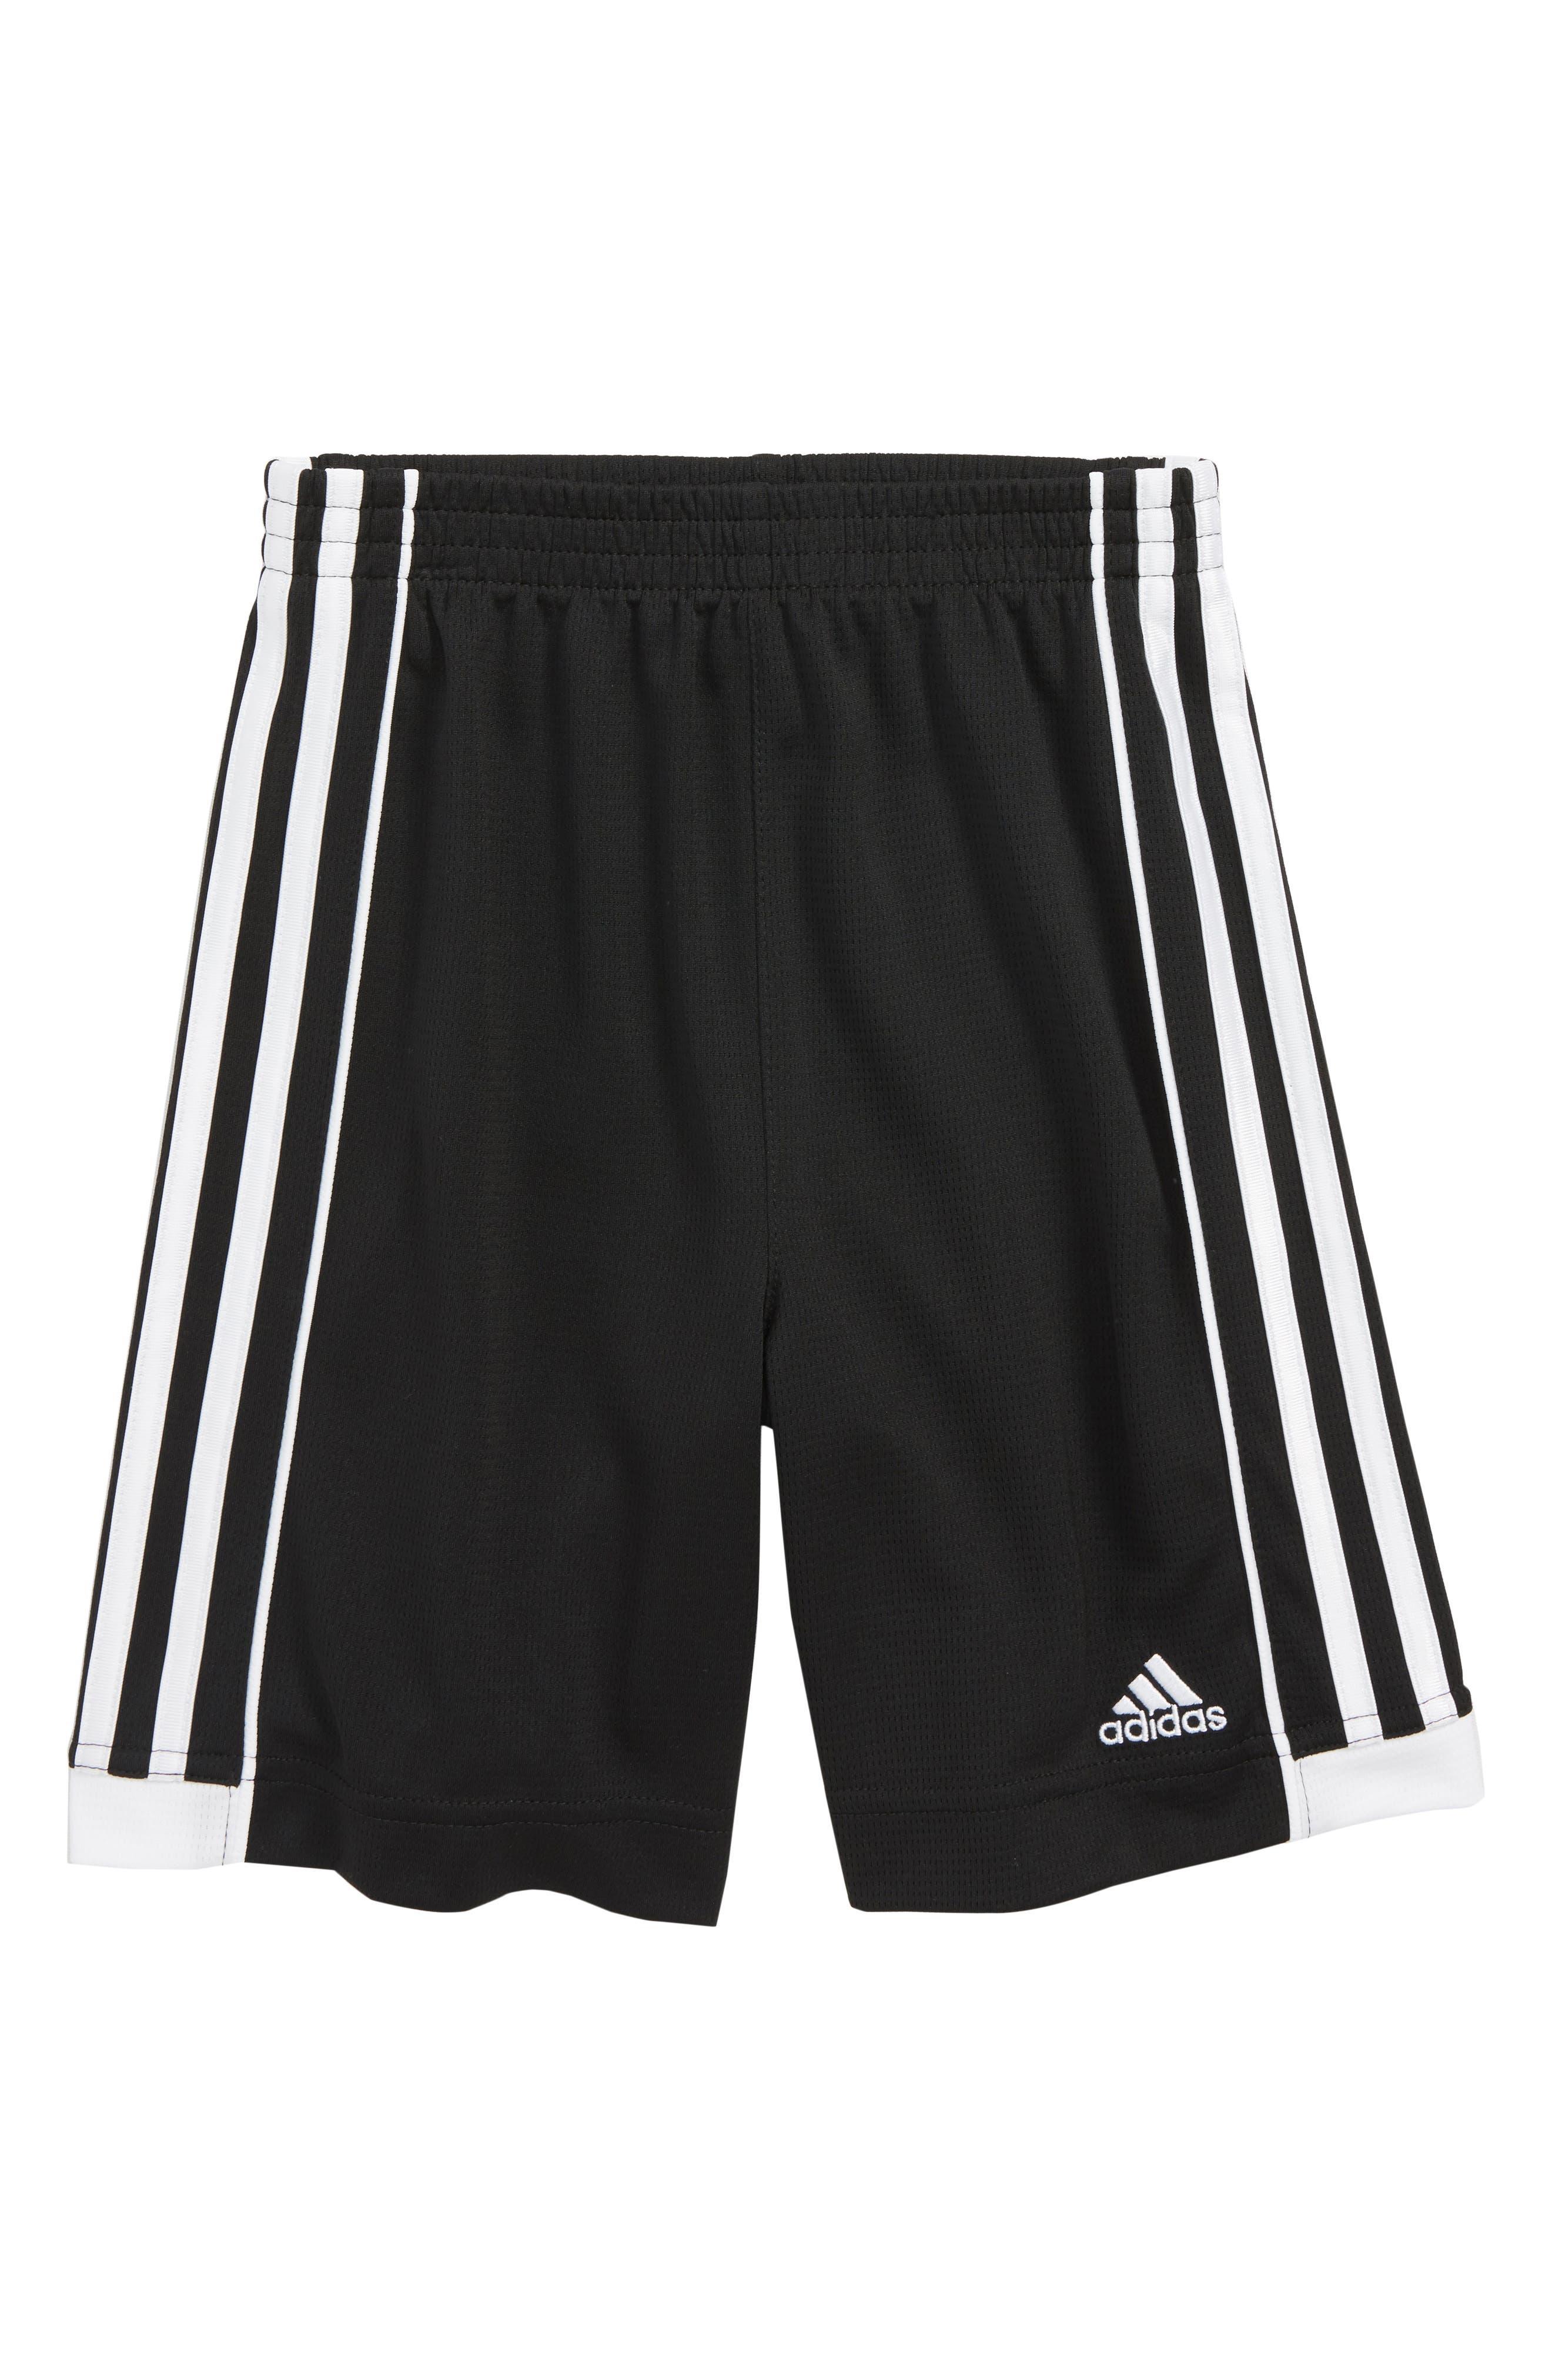 Speed 18 Shorts,                             Main thumbnail 1, color,                             001